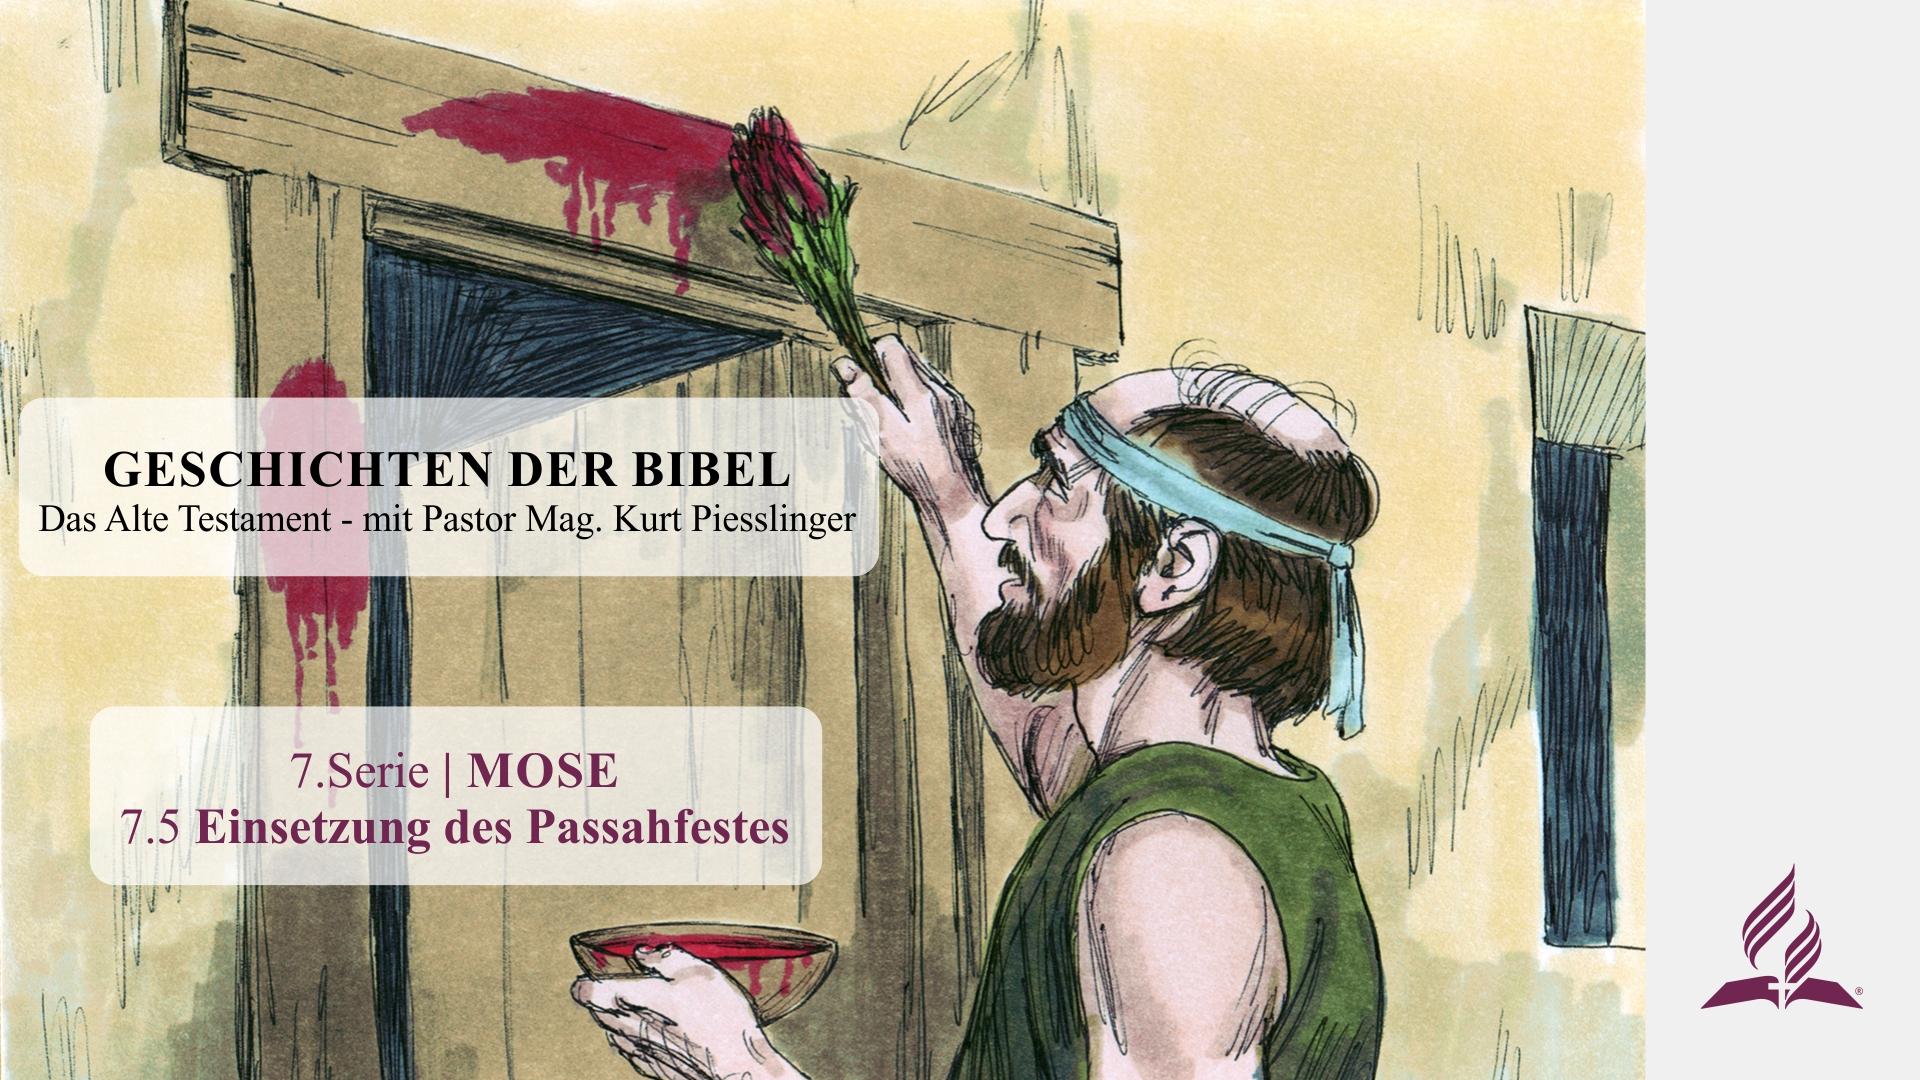 GESCHICHTEN DER BIBEL: 7.5 Einsetzung des Passahfestes – 7.MOSE | Pastor Mag. Kurt Piesslinger